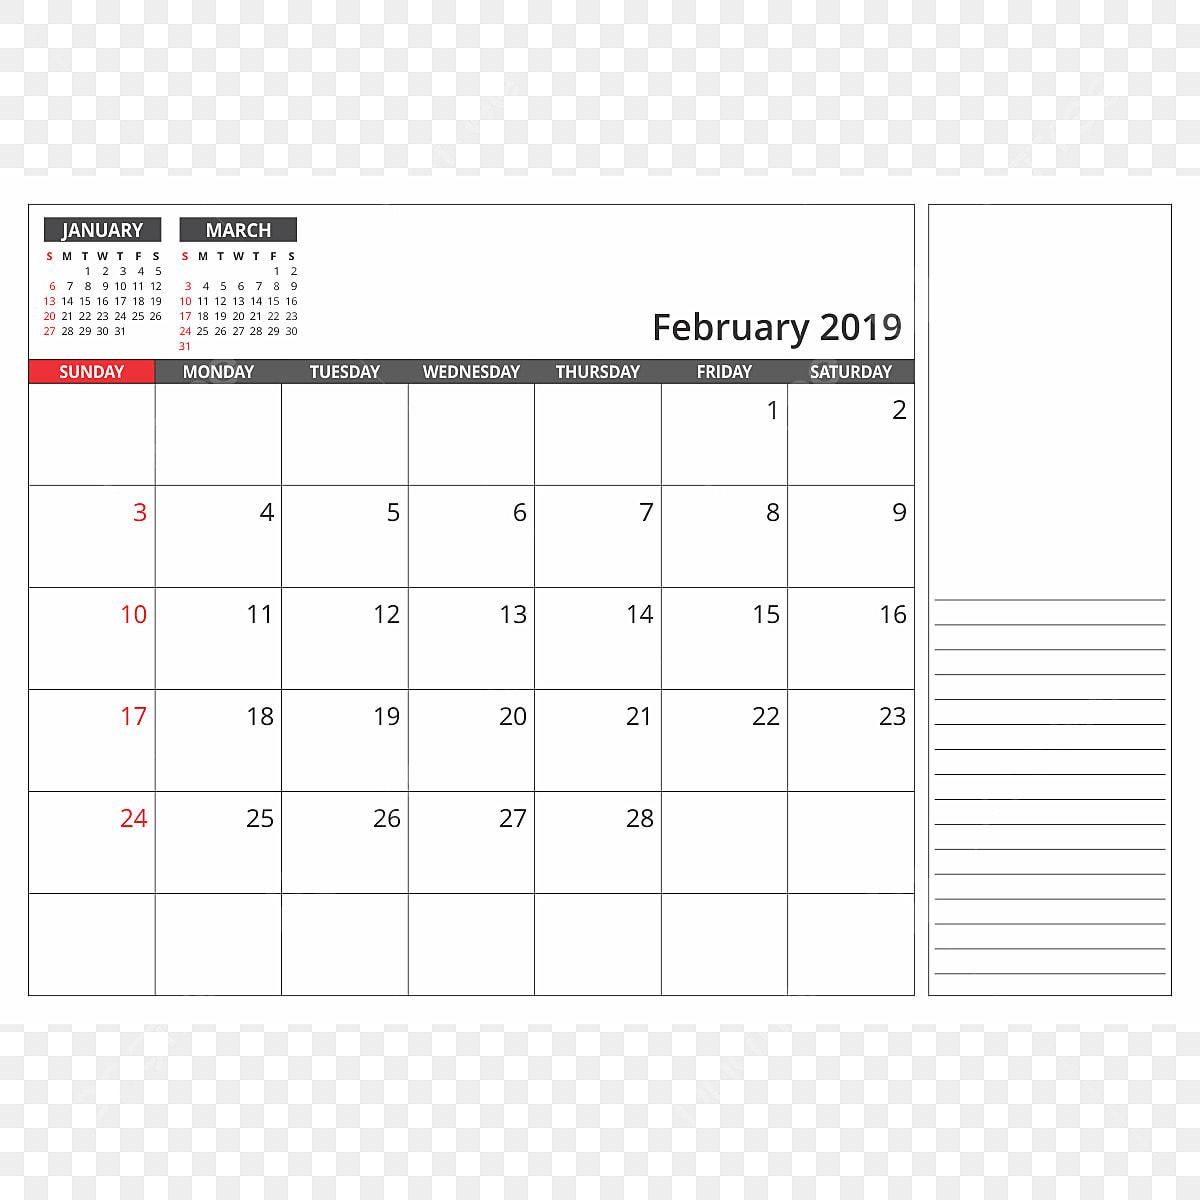 Calendario Febrero 2019.Calendario De Escritorio De Febrero De 2019 2019 Calendario Png